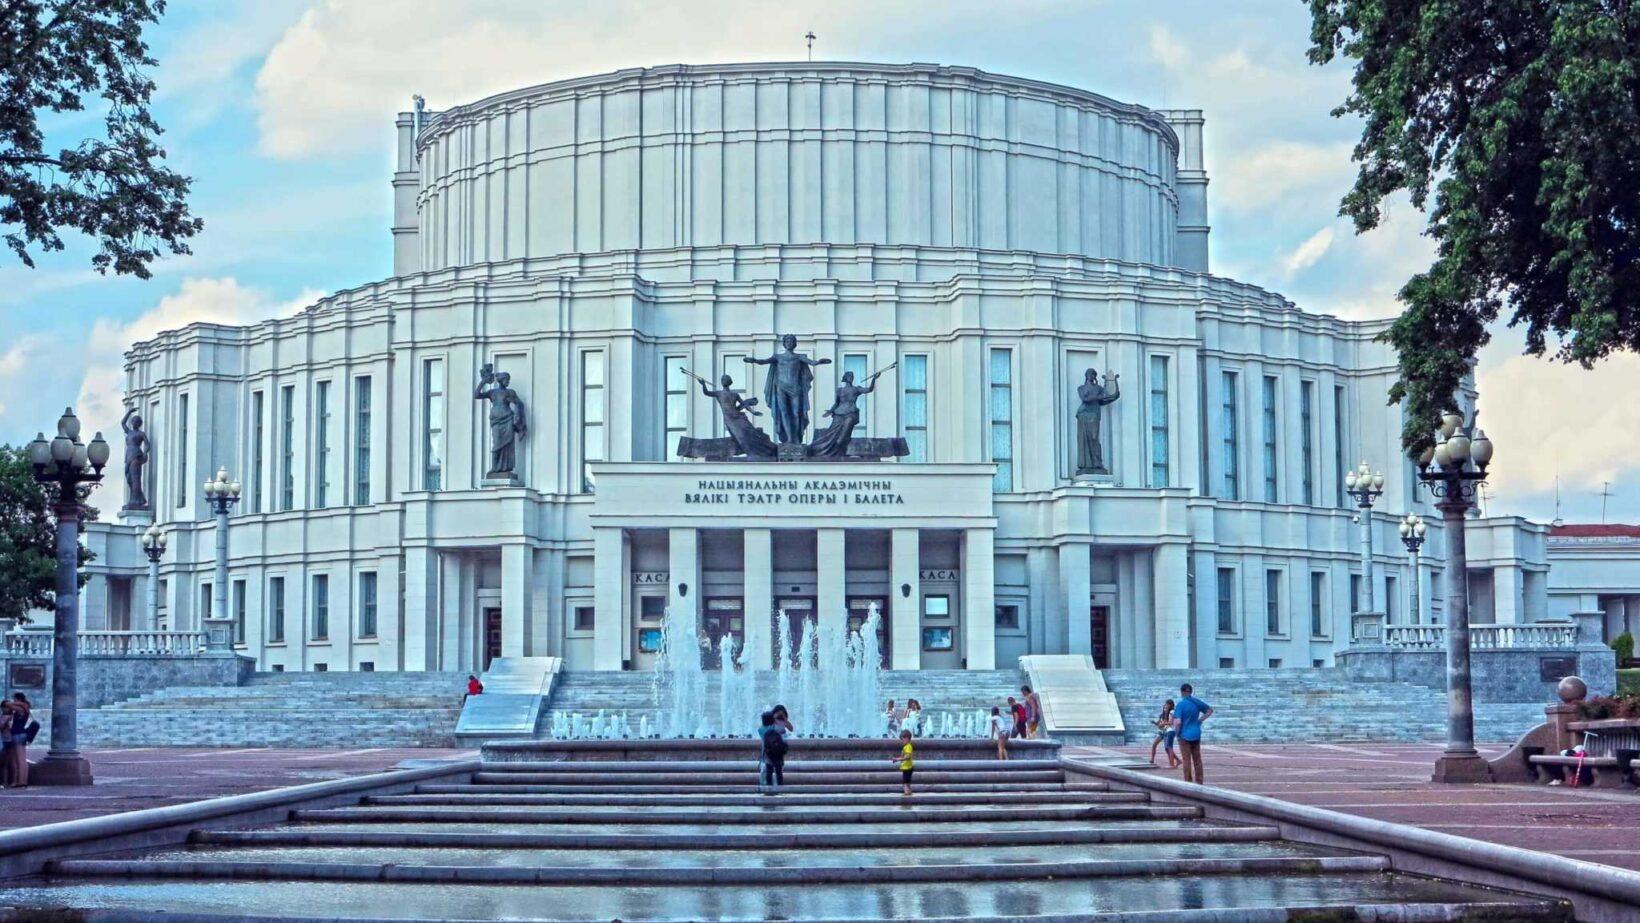 Teatr Opery w Mińsku, atrakcje Białorusi